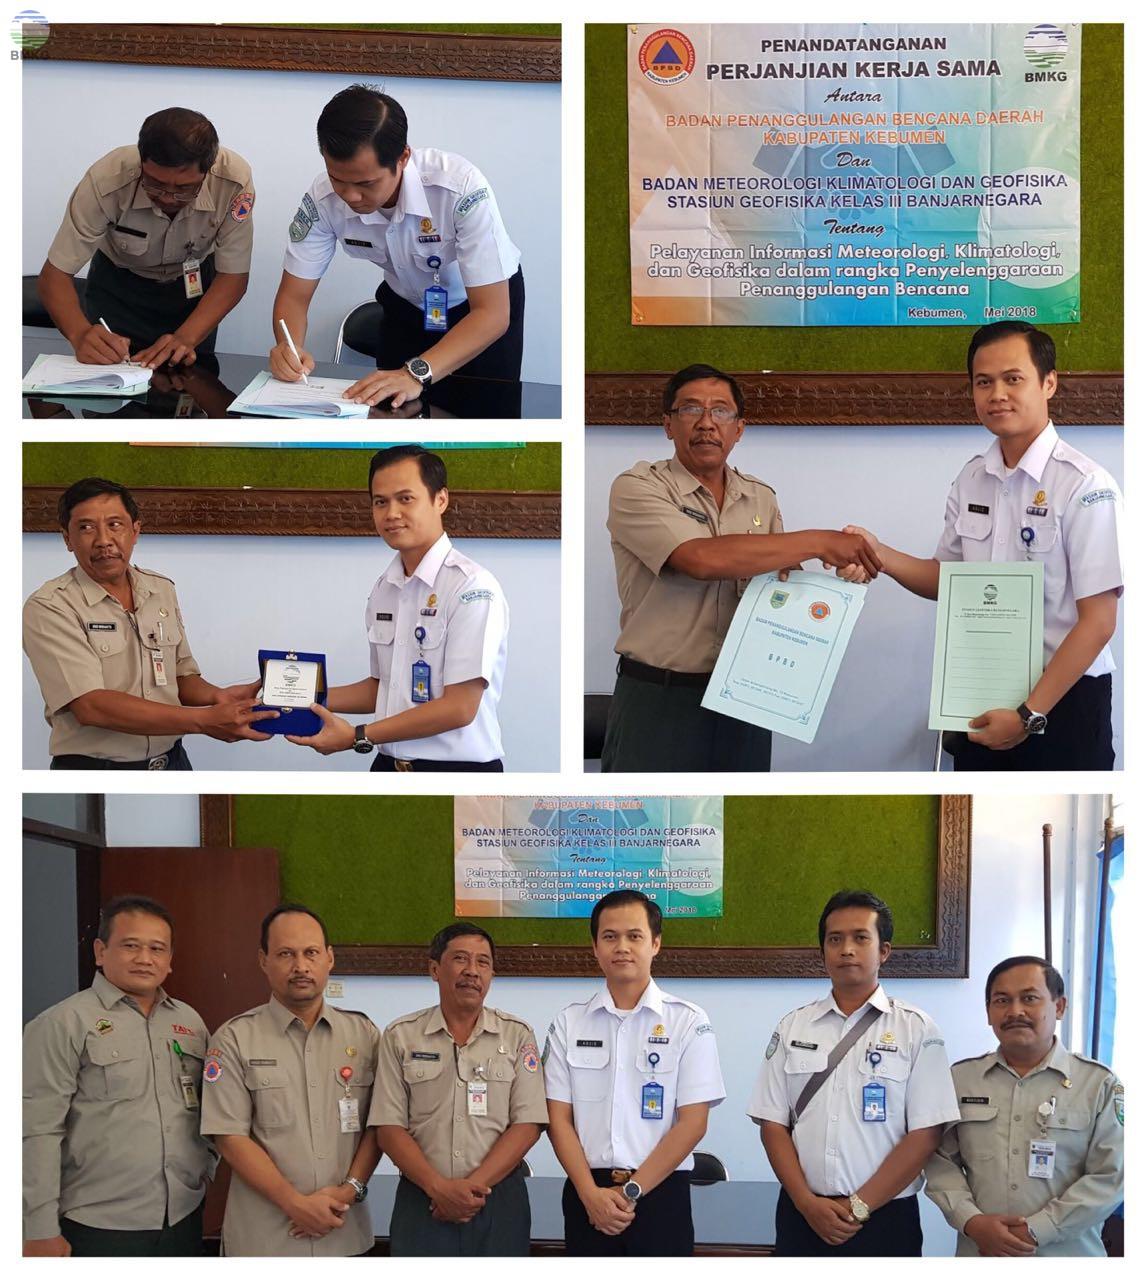 Kerja Sama BMKG Stageof Banjarnegara dengan BPBD Kabupaten Kebumen